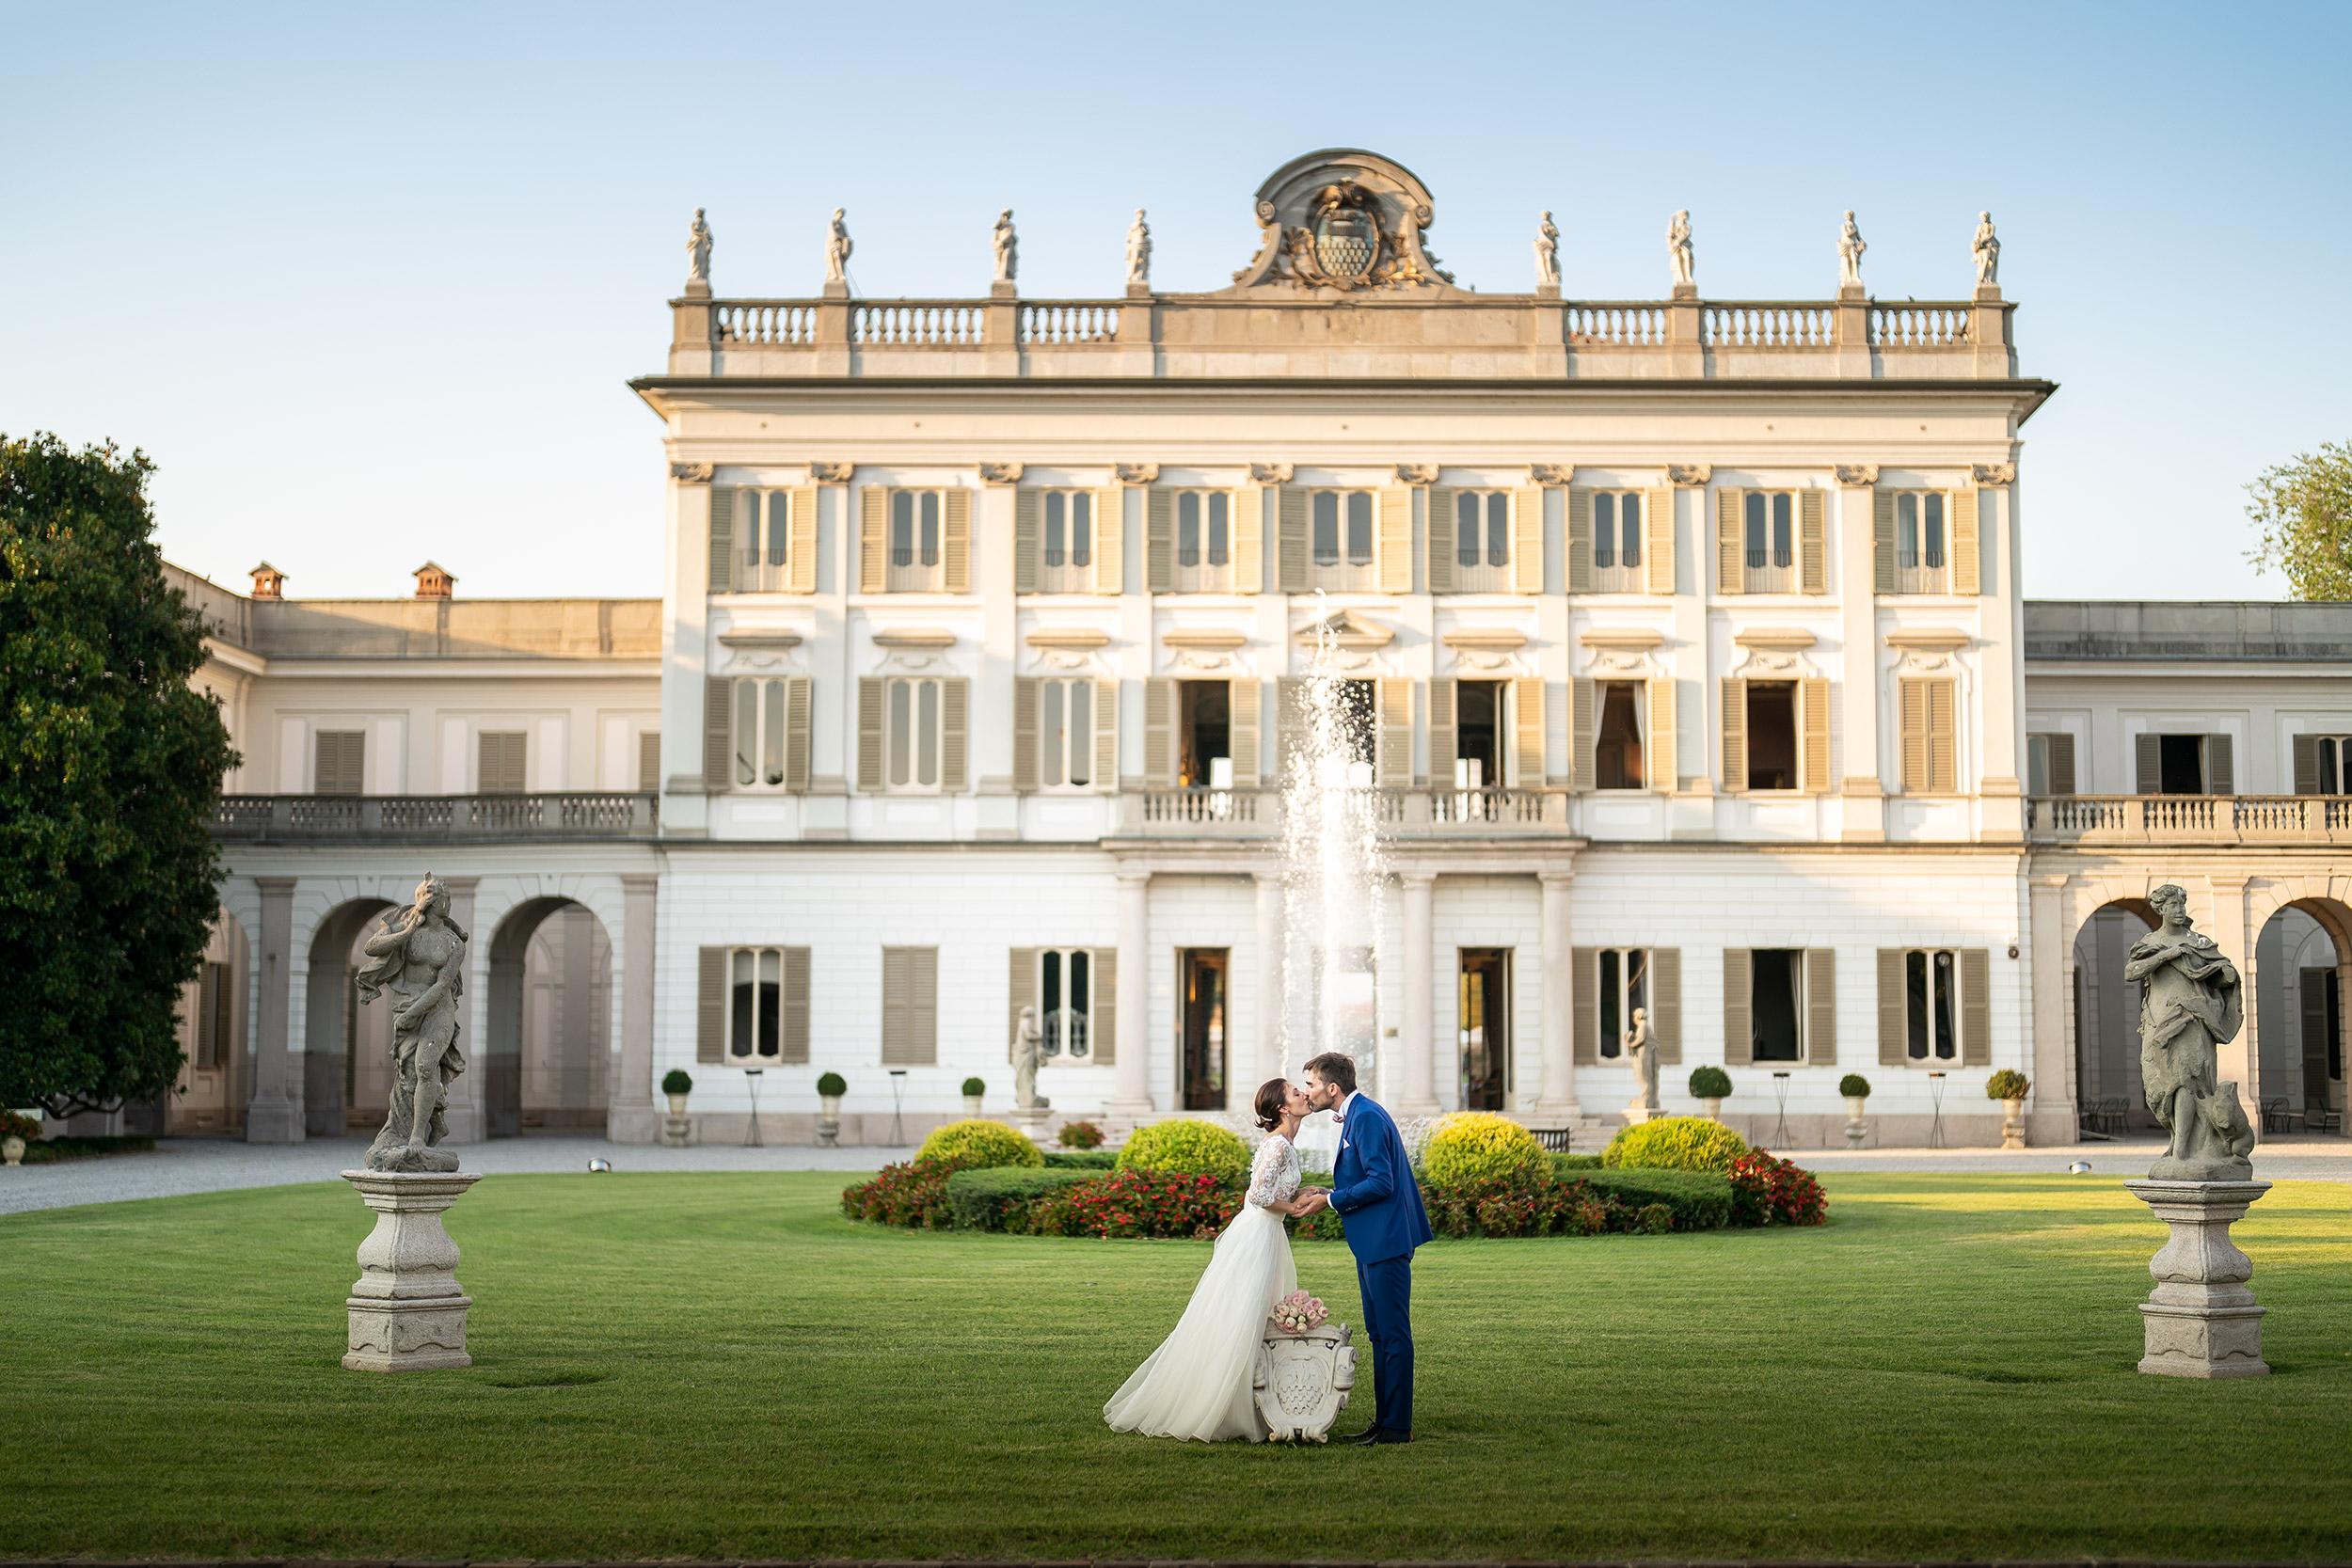 053 fotografo matrimonio reportage ritratto wedding sposi bacio villa borromeo cassano d adda milano 2